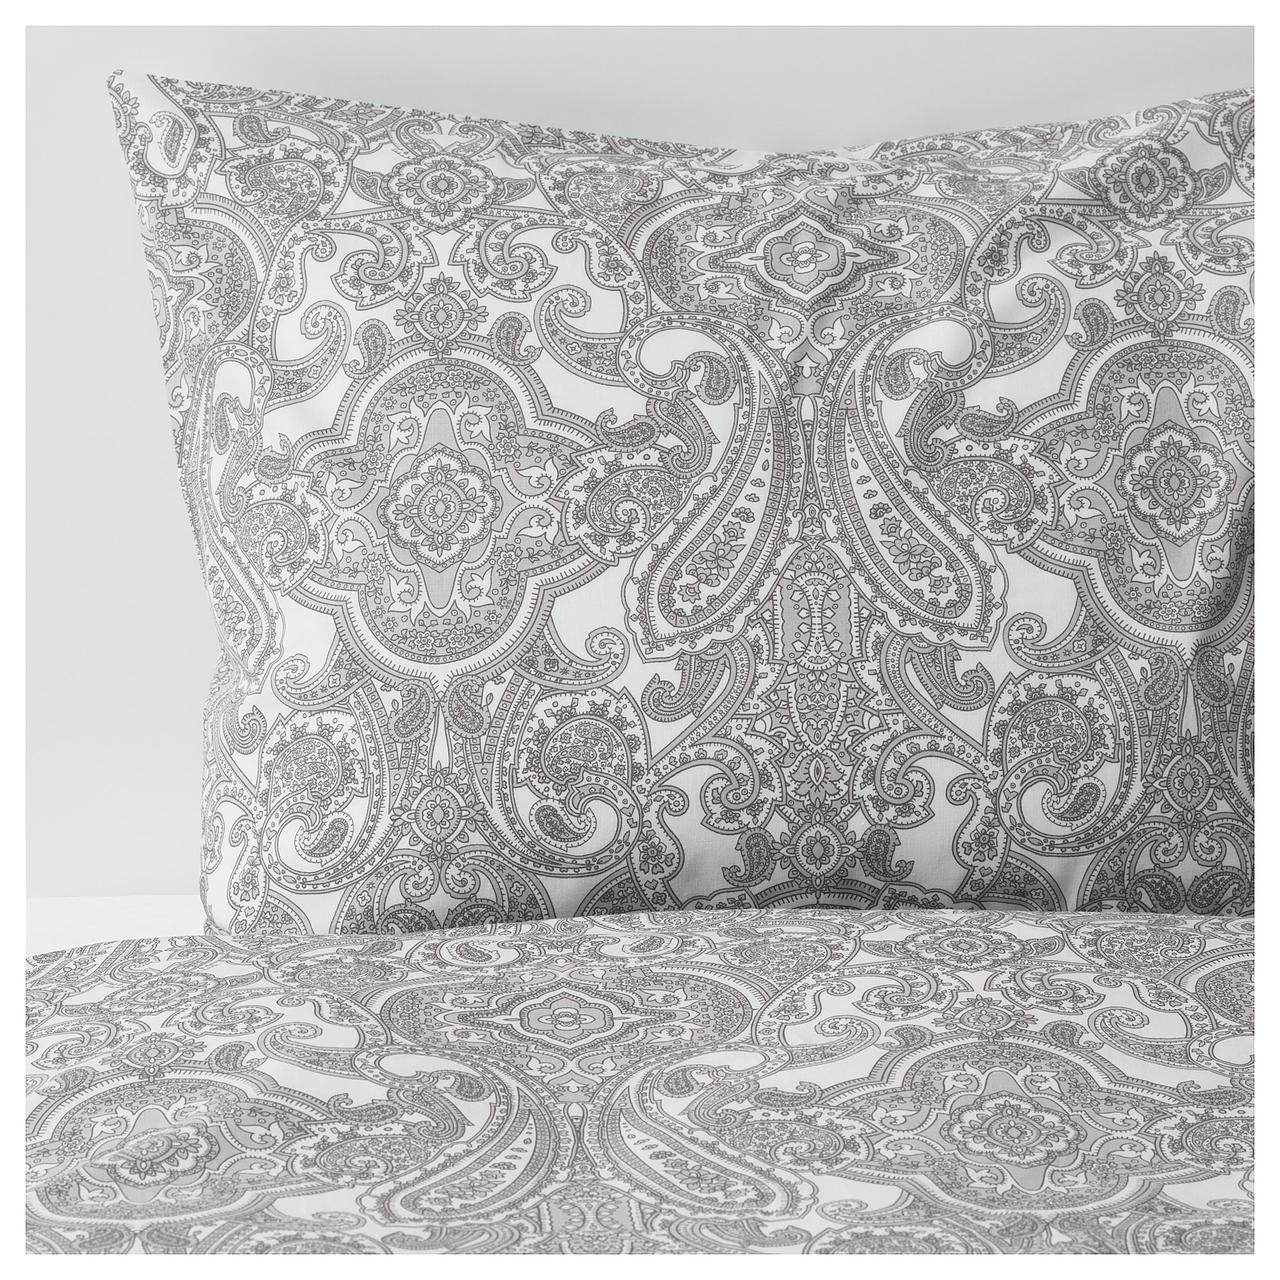 Комплект постельного белья IKEA JÄTTEVALLMO 200х200 см белый серый с узором 104.061.32